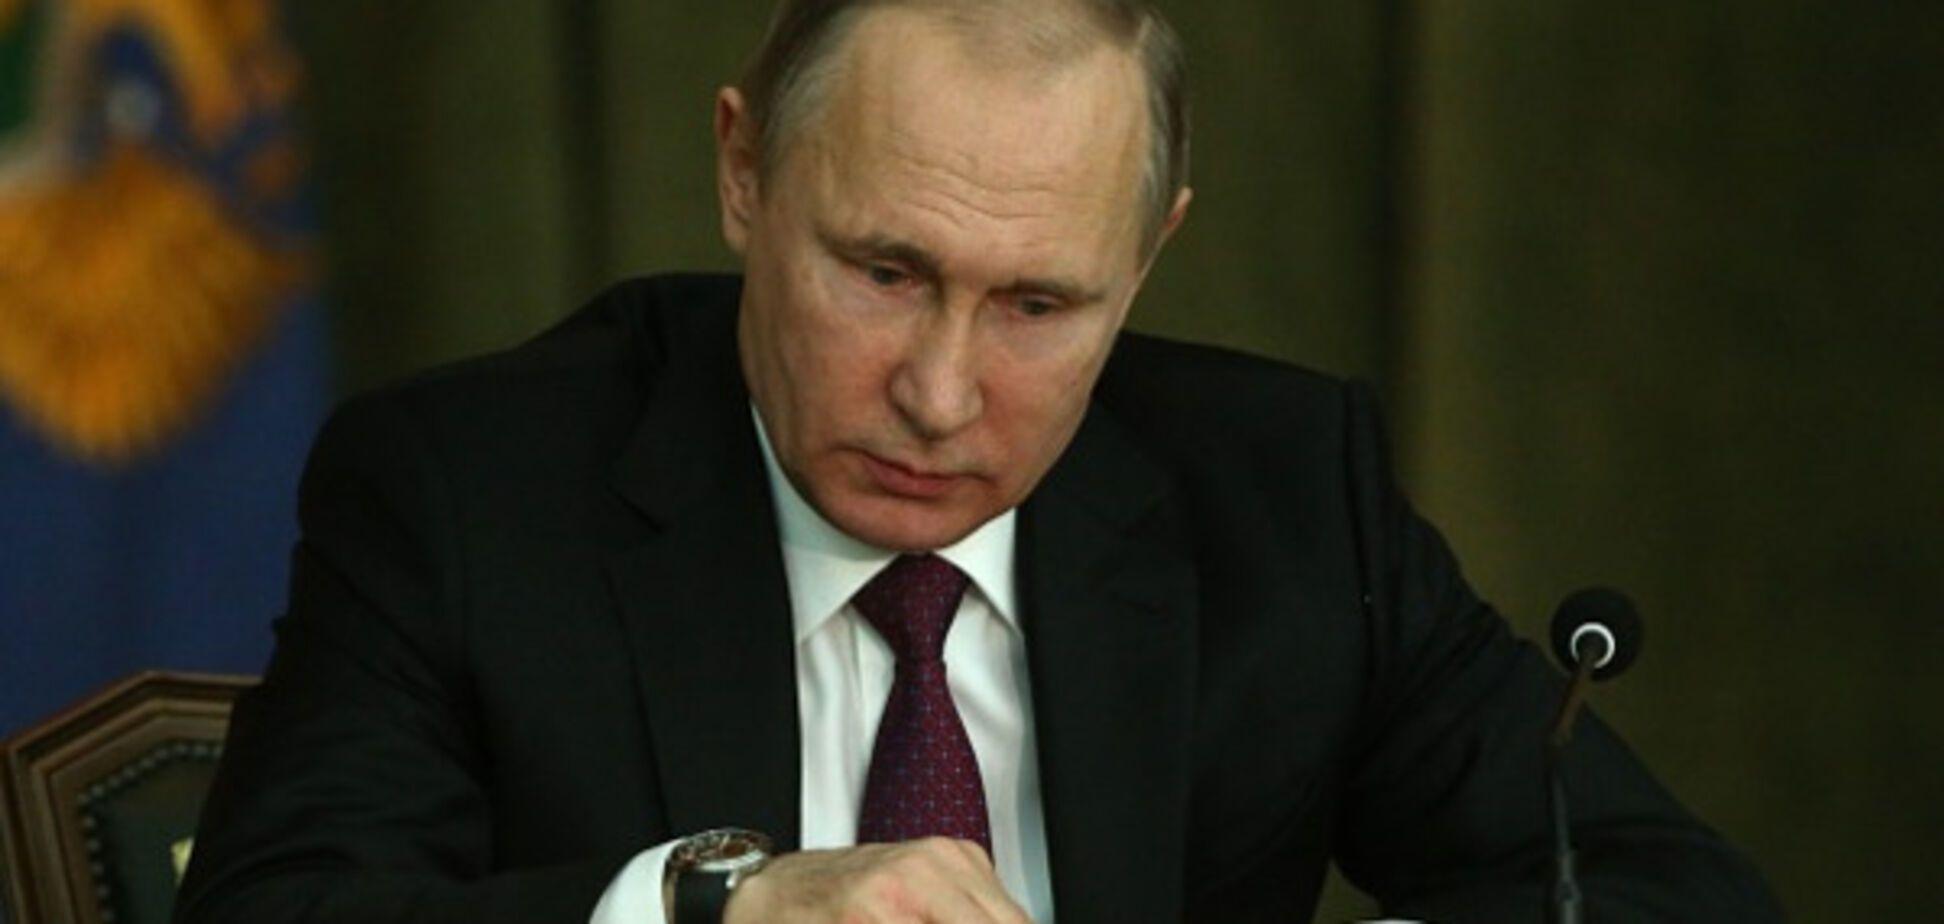 Фото Путина с бандитами и убийцами вызвало ажиотаж в соцсети